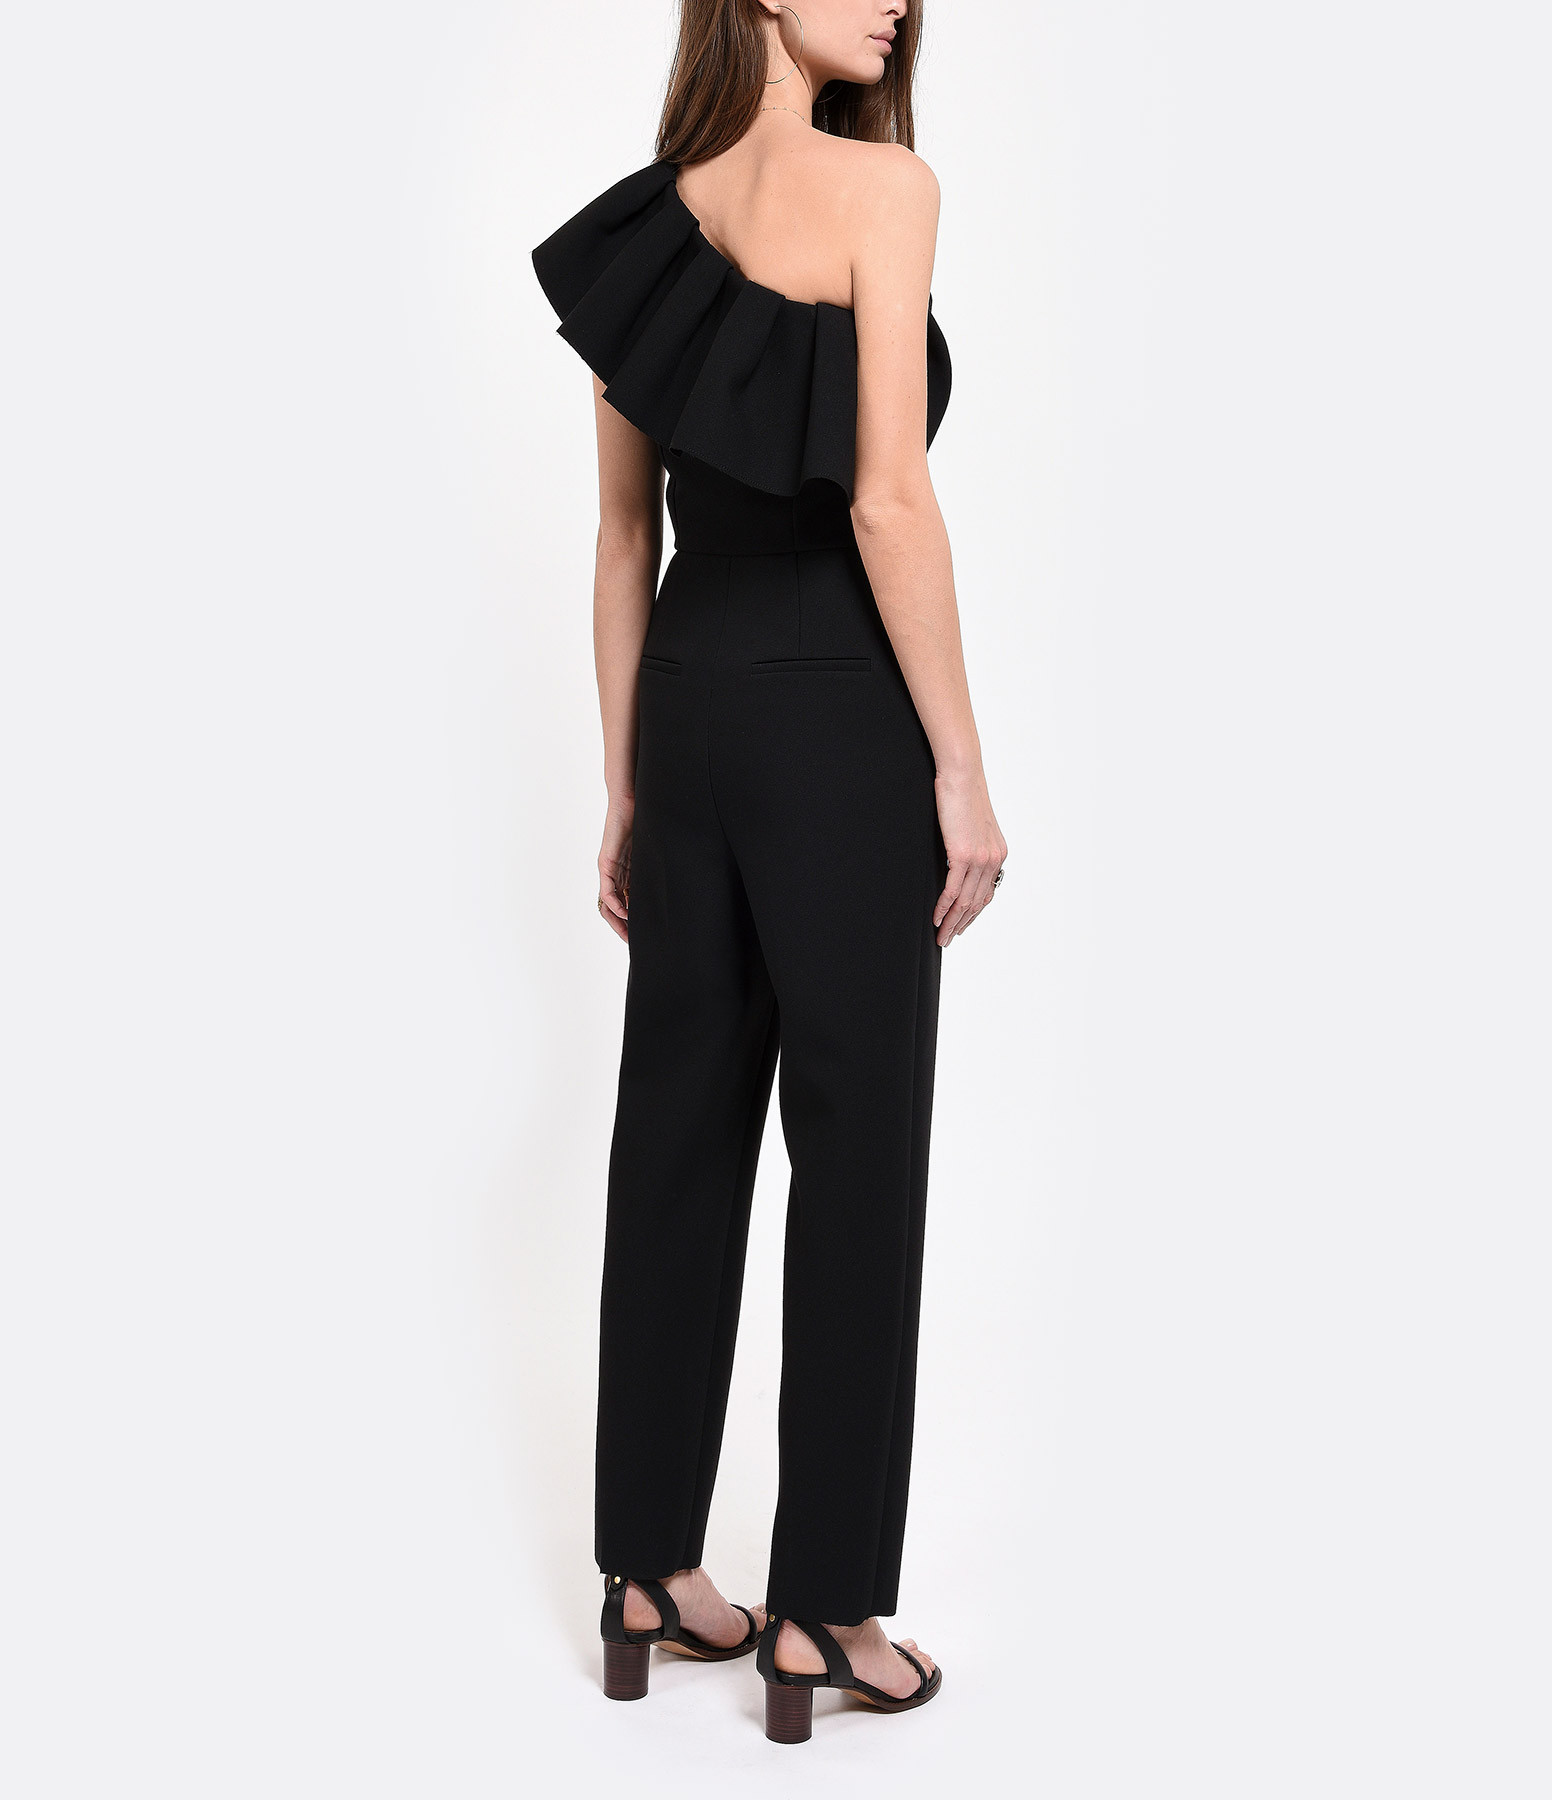 MSGM - Combinaison Pantalon Volant Noir